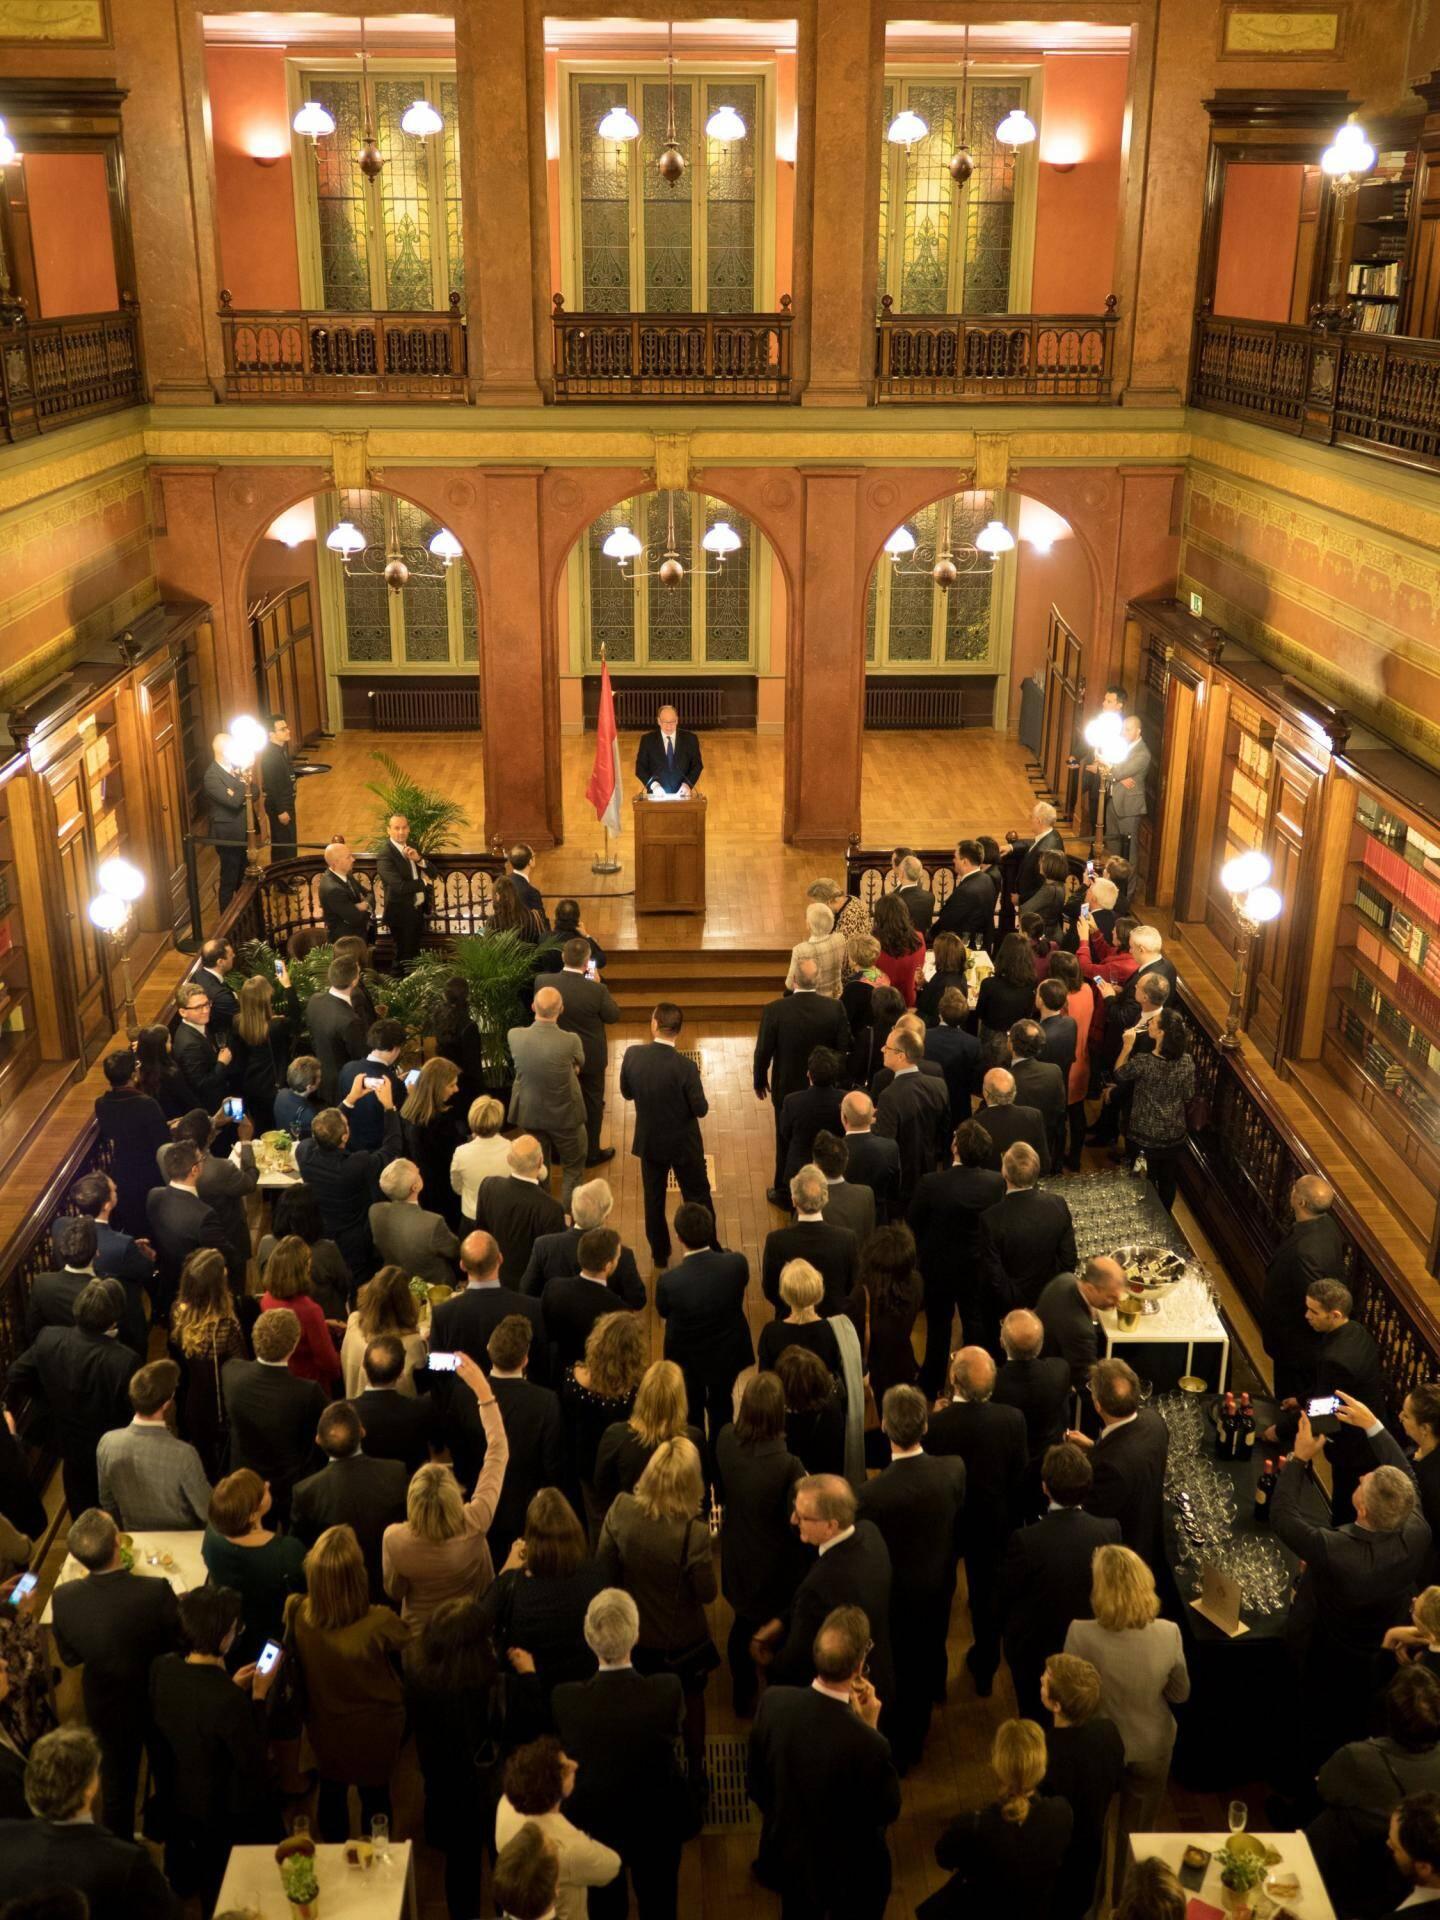 Le souverain a formulé un discours pro-européen devant 150 émissaires de l'Europe à la Bibliothèque Solvay de Bruxelles.